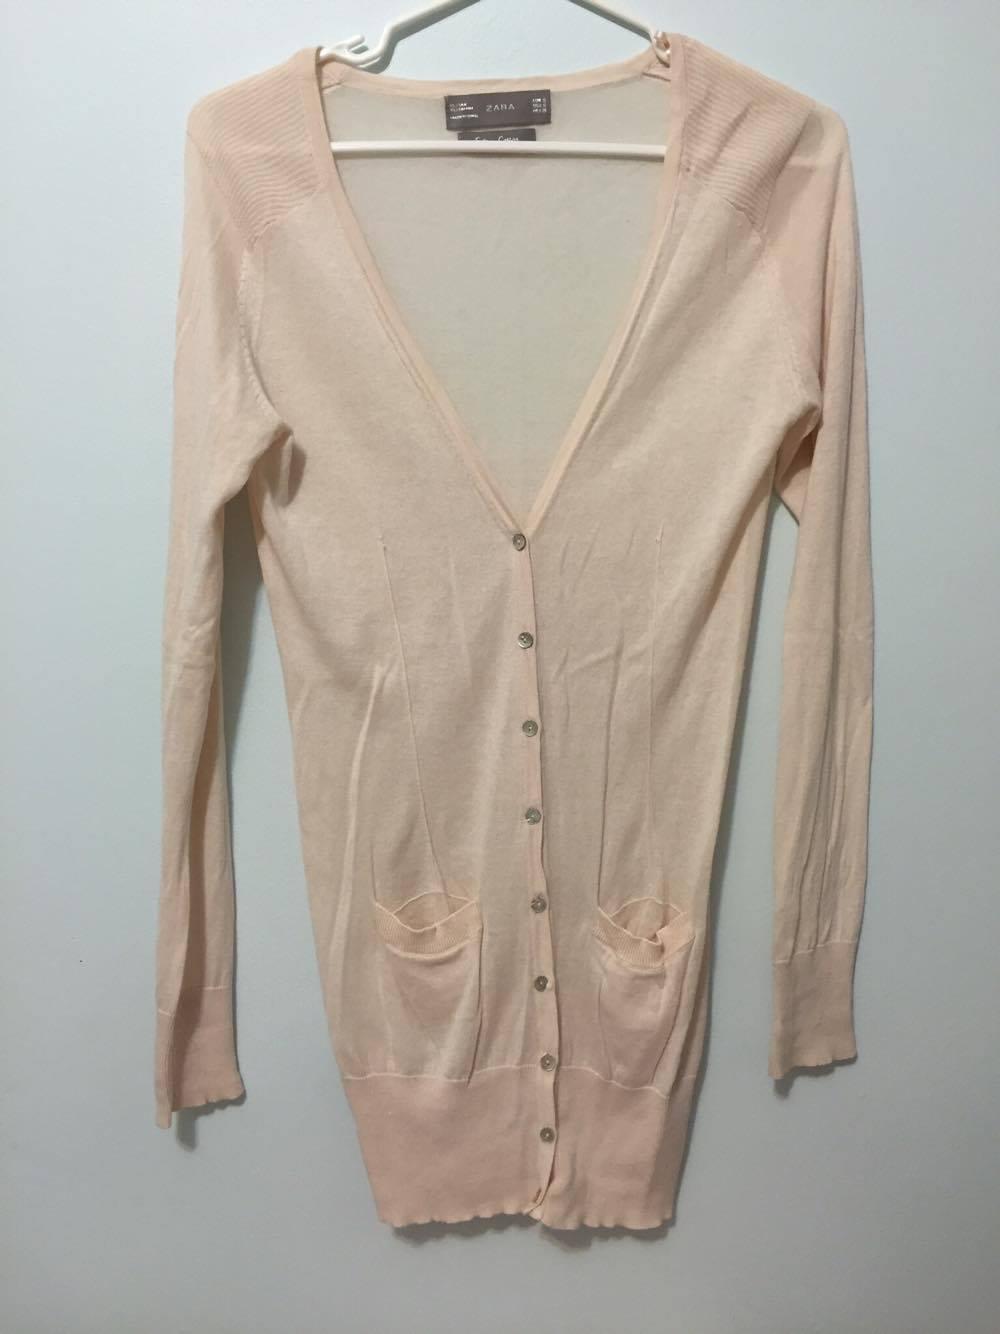 Zara long pale pink cardigan